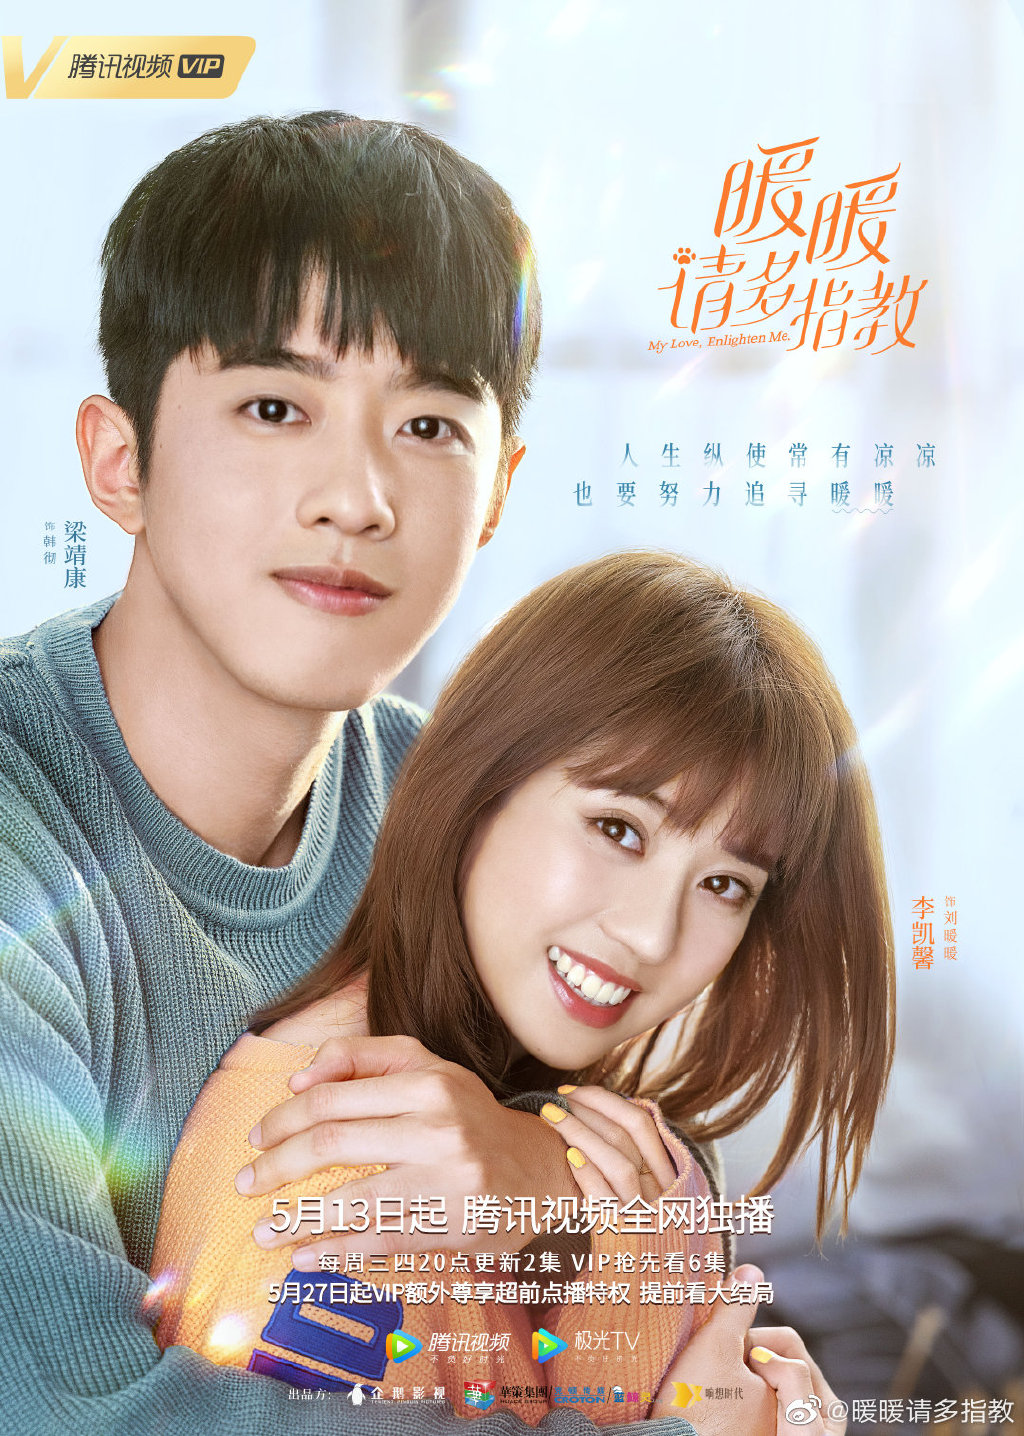 My Love Enlighten Me Poster